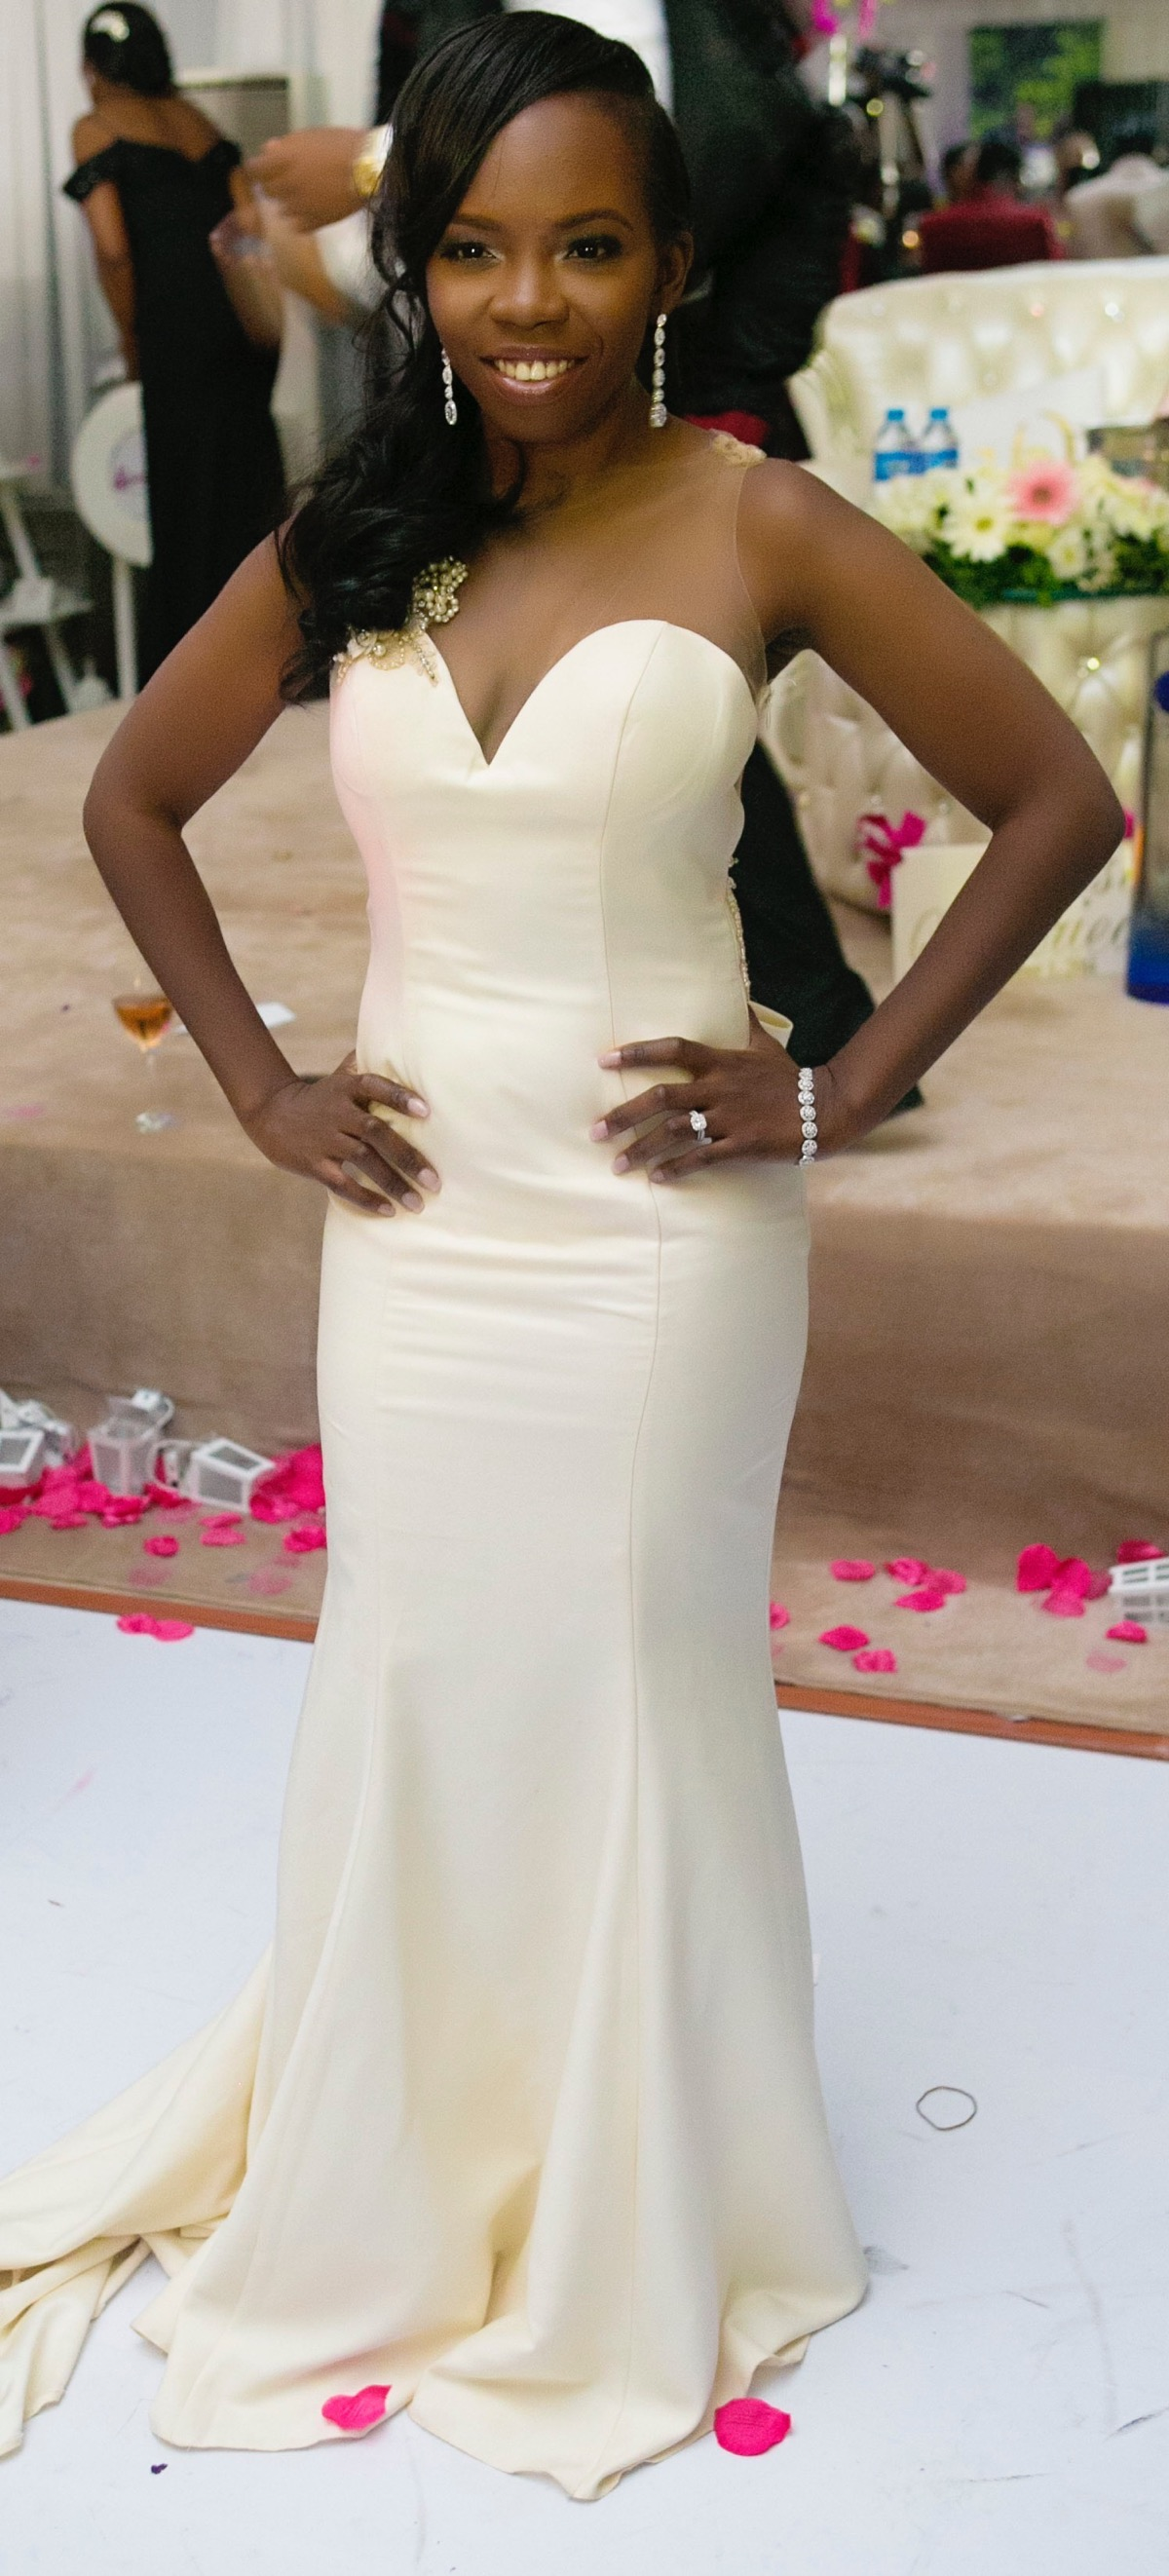 Slam2014 - Segi and Olamide Adedeji's Wedding in Ruby Gardens Nigeria 256